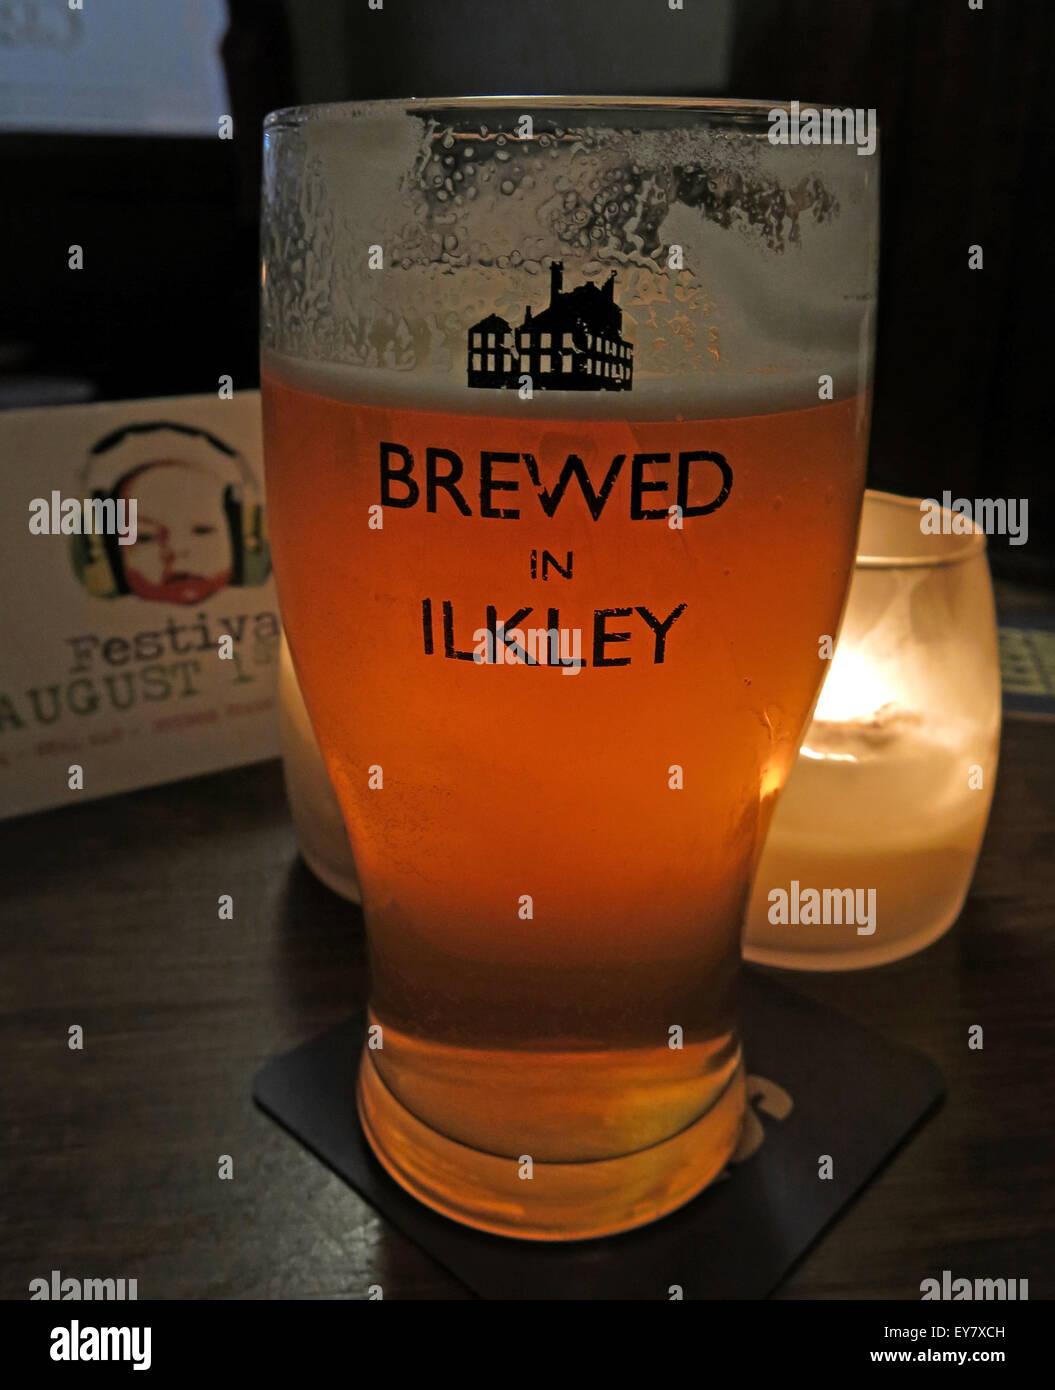 Laden Sie dieses Alamy Stockfoto Glas Bier, gebraut in Ilkley Logo, Craft Brewery, West Yorkshire, England - EY7XCH